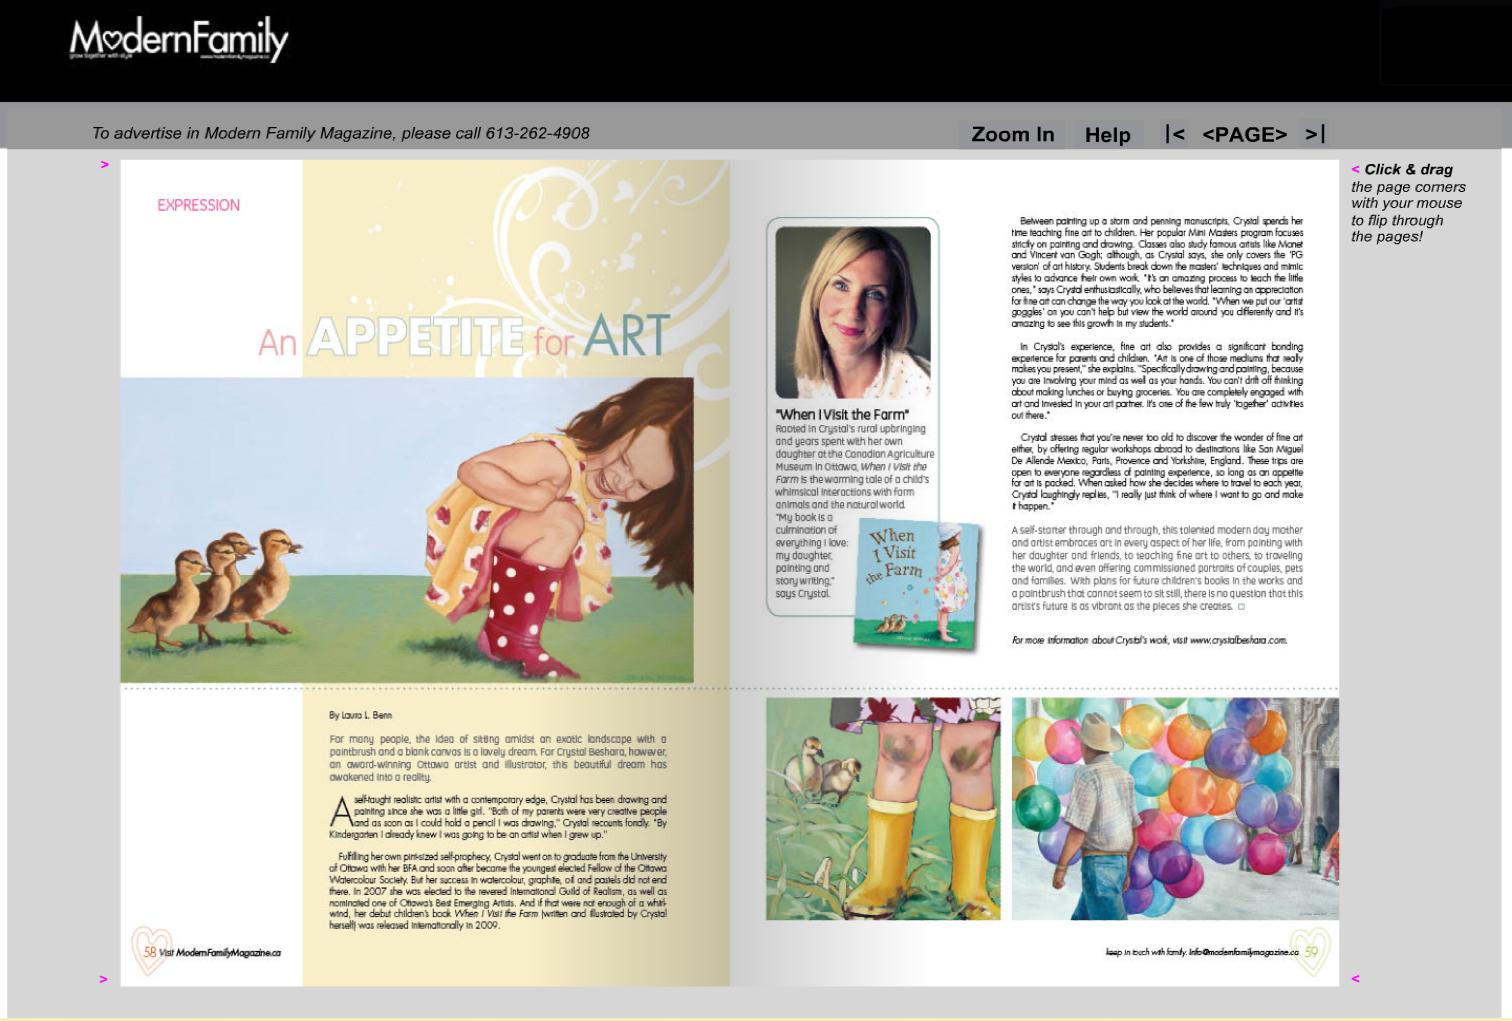 Modern Family Magazine.jpg